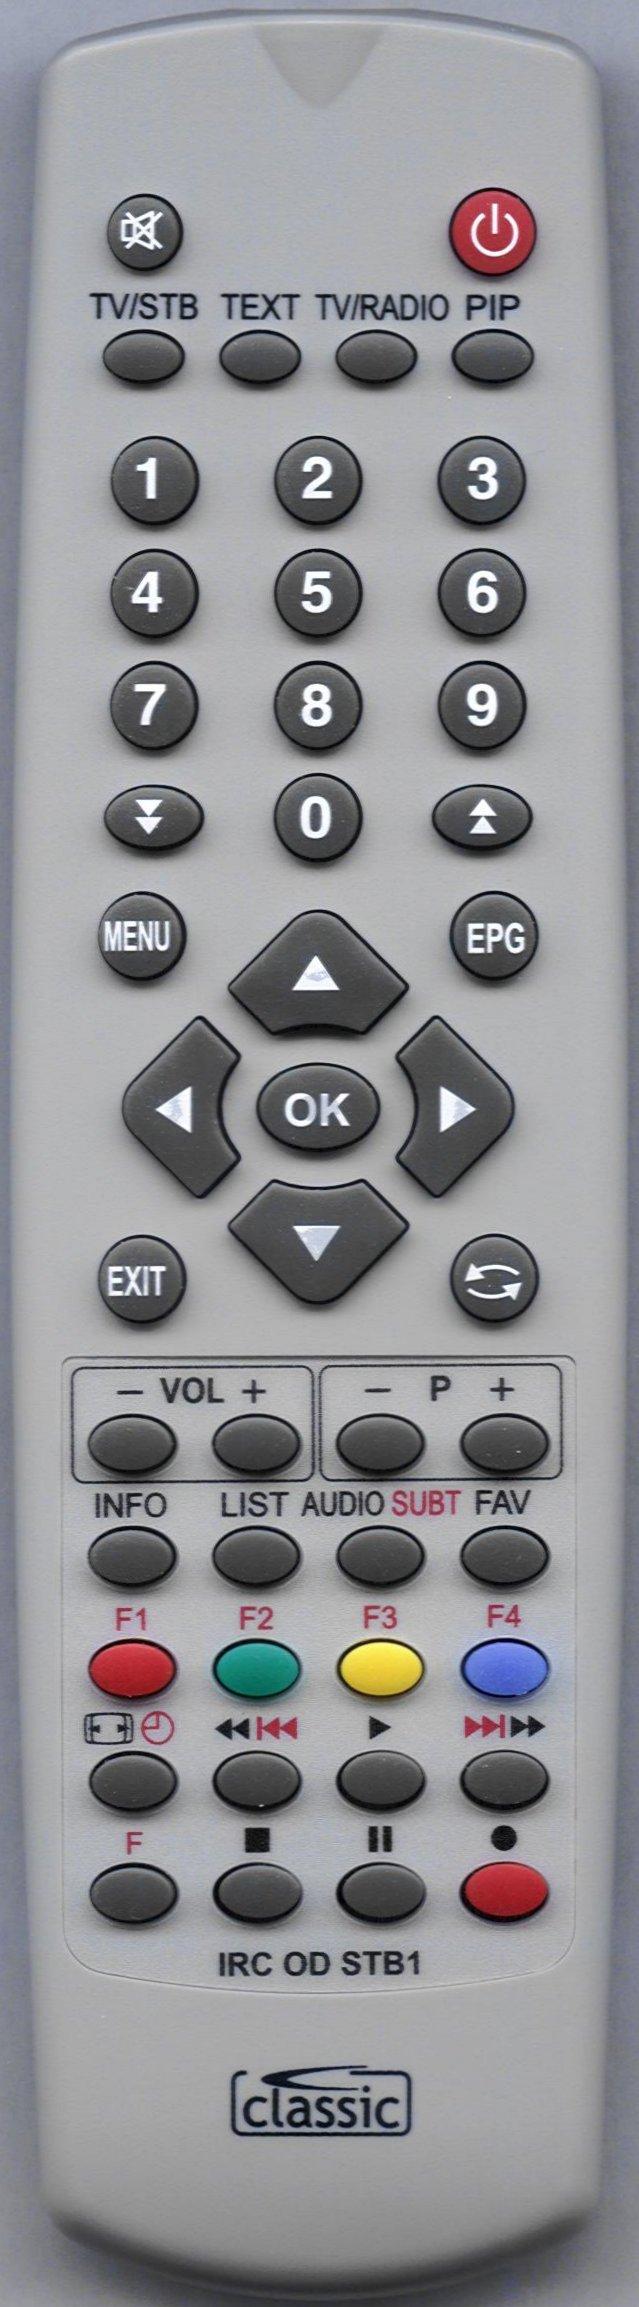 TOPFIELD TF 7700HCCI Remote Control